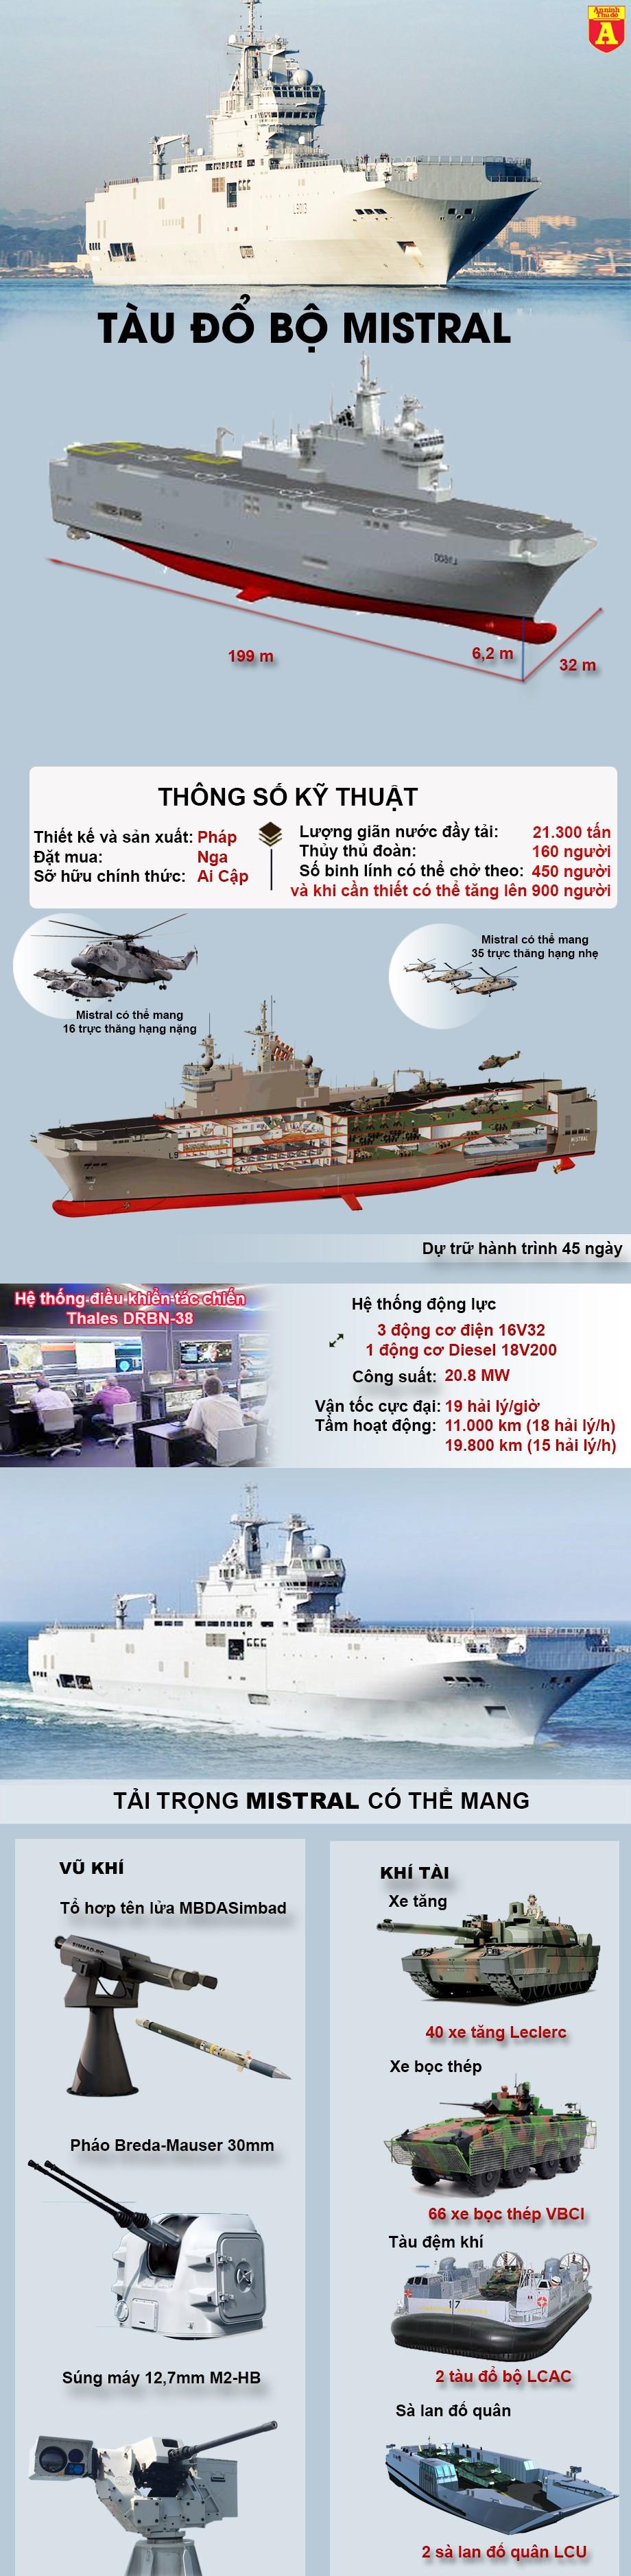 [Infographic] Nga tiếc nuối nhìn Ai Cập biên chế tàu đổ bộ Mistral của Pháp ảnh 2